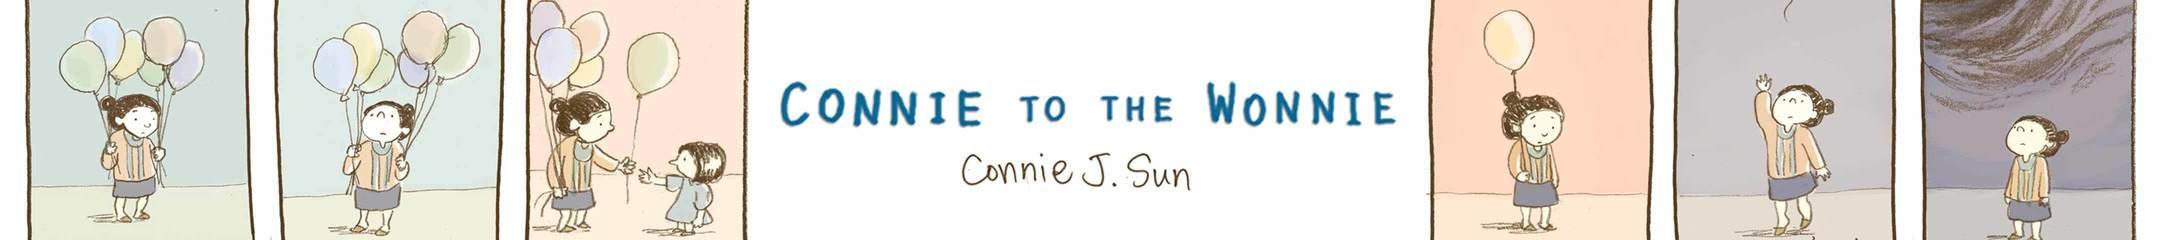 Connie to the Wonnie